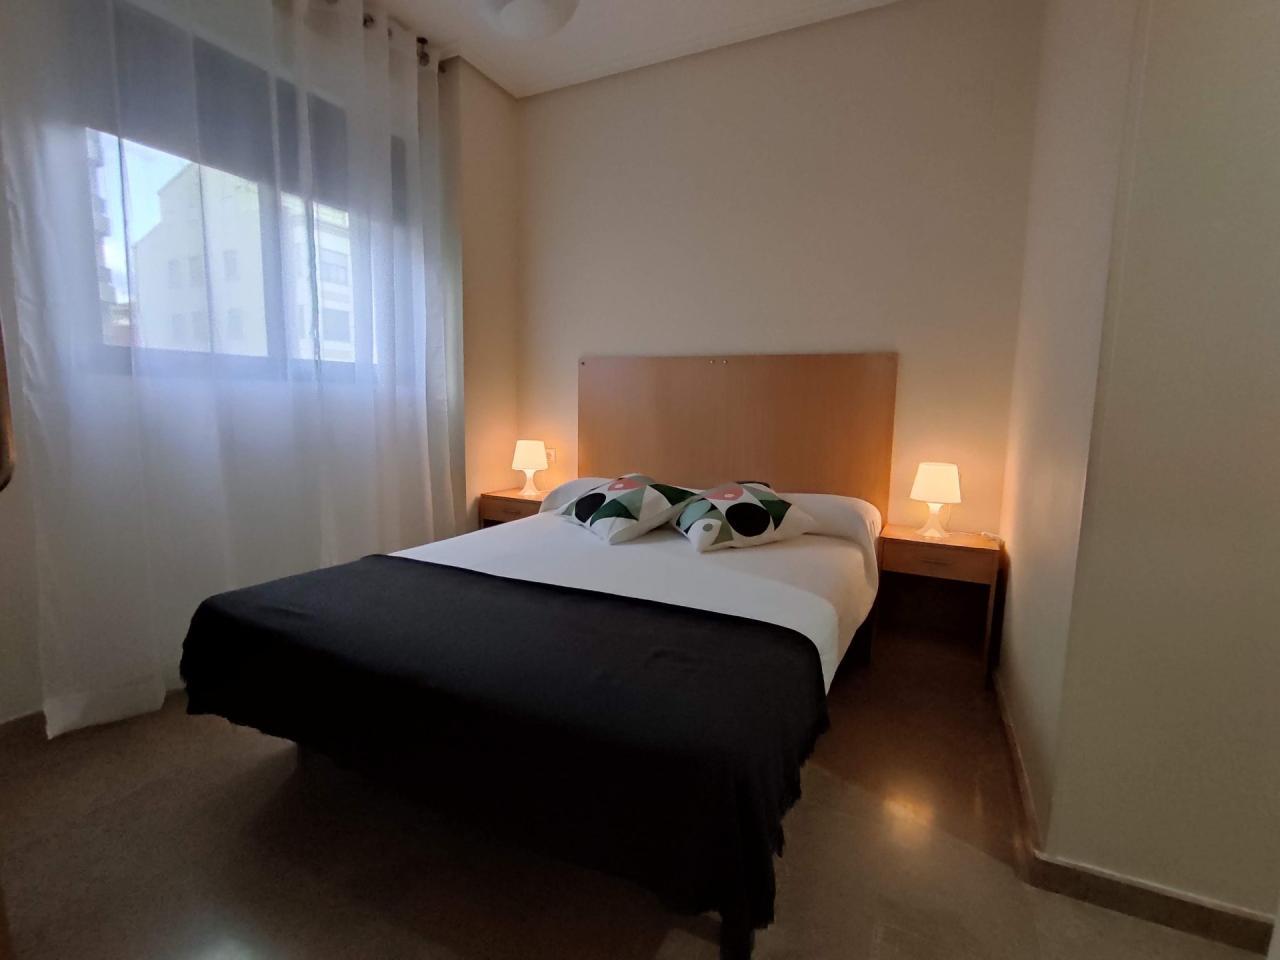 Flat for rent in La Creu del Grau – Ref. 001049